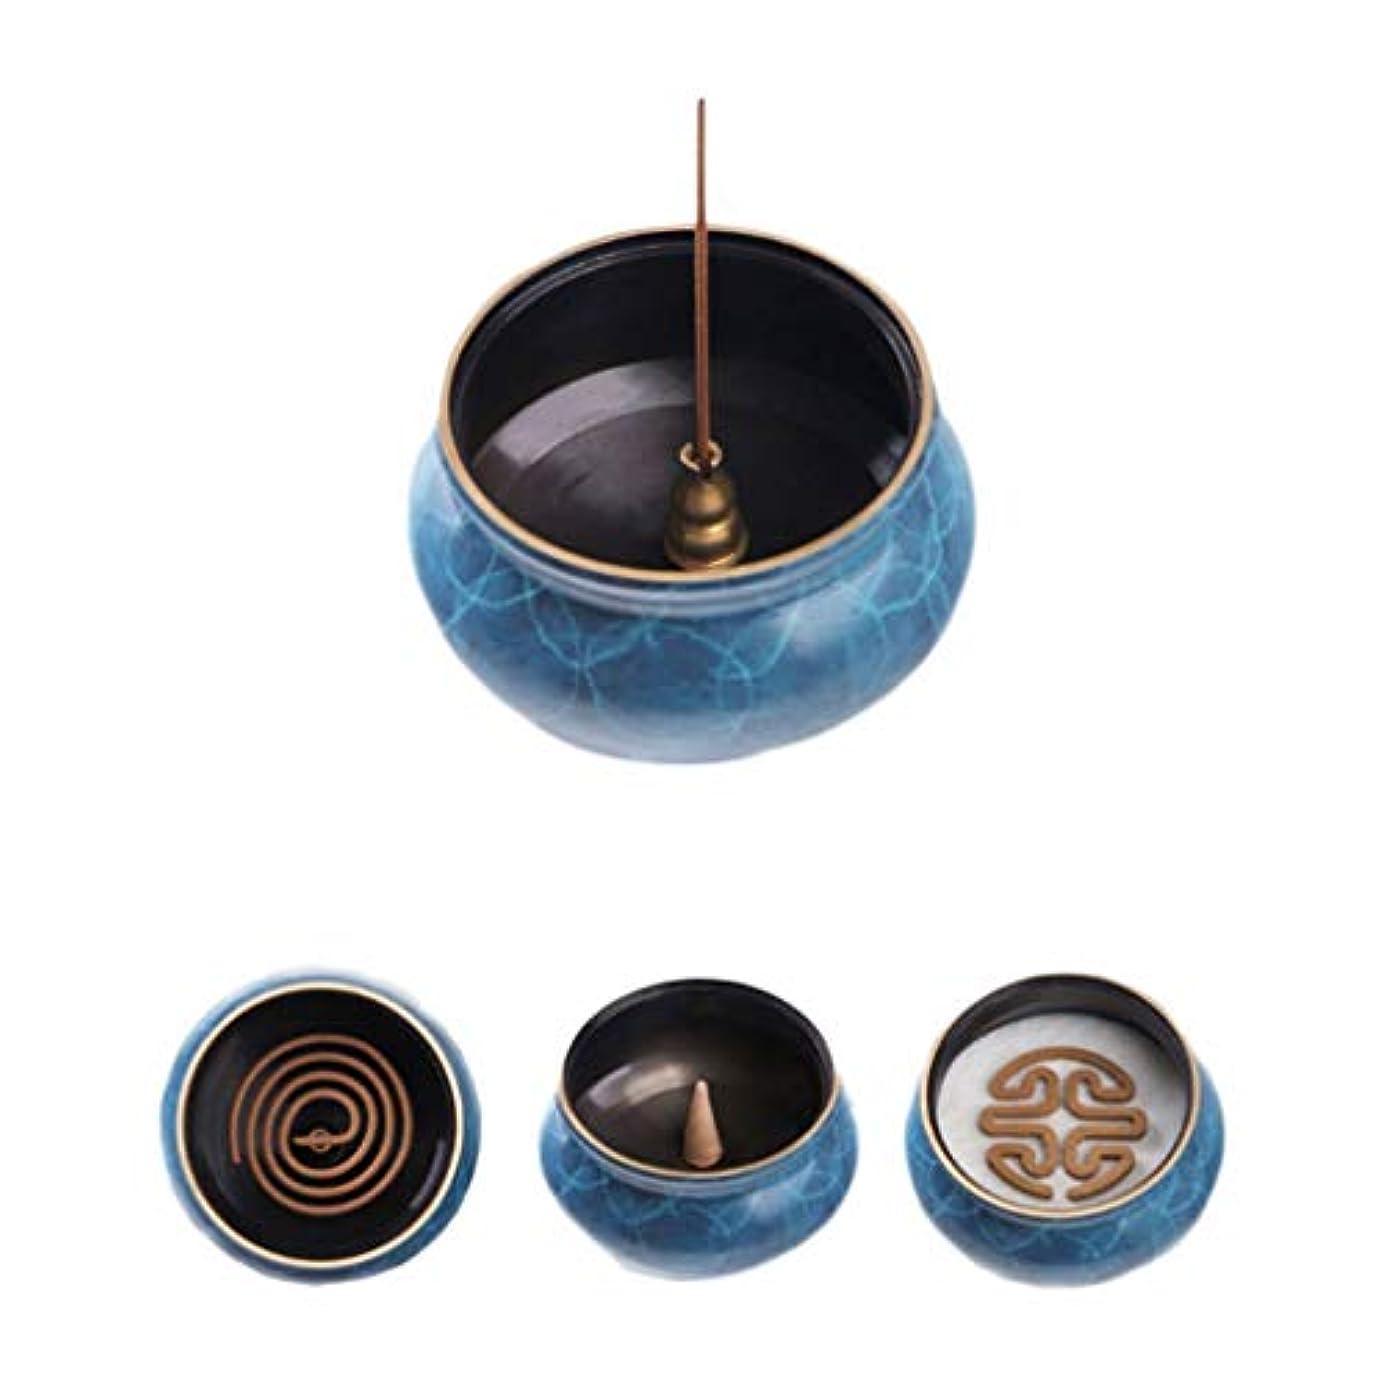 異常北方クラシックホームアロマバーナー 純粋な銅香炉ホームアンティーク白檀用仏寒天香炉香り装飾アロマセラピー炉 アロマバーナー (Color : Blue copper)